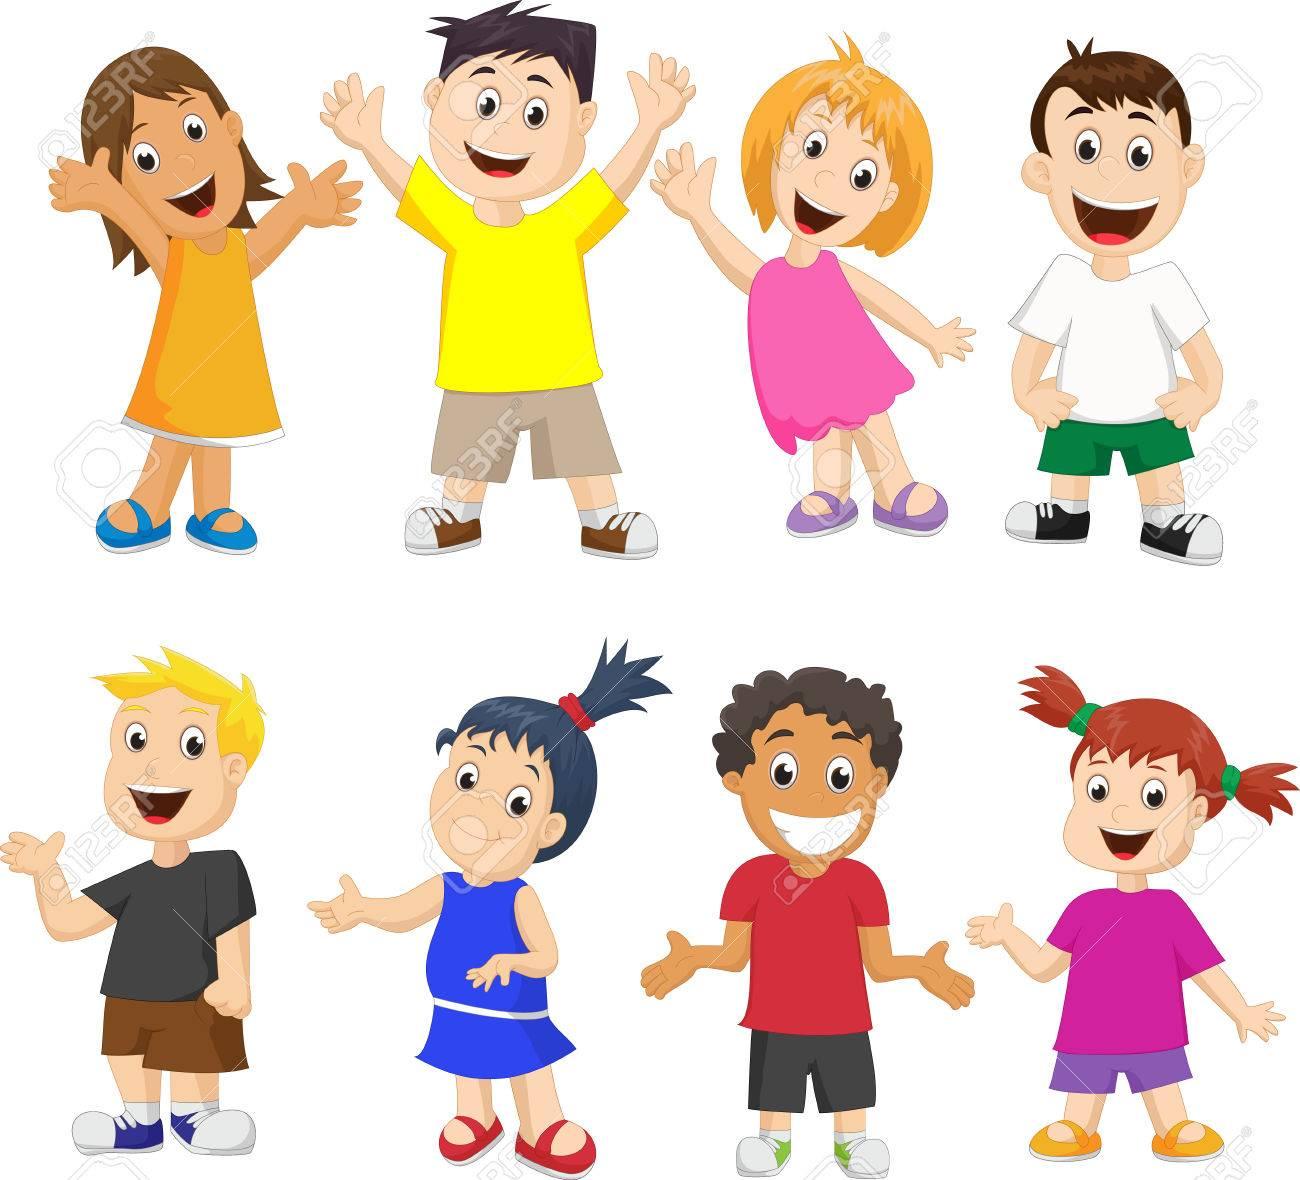 Kinder-Karikaturen Blowjob vids herunterladen